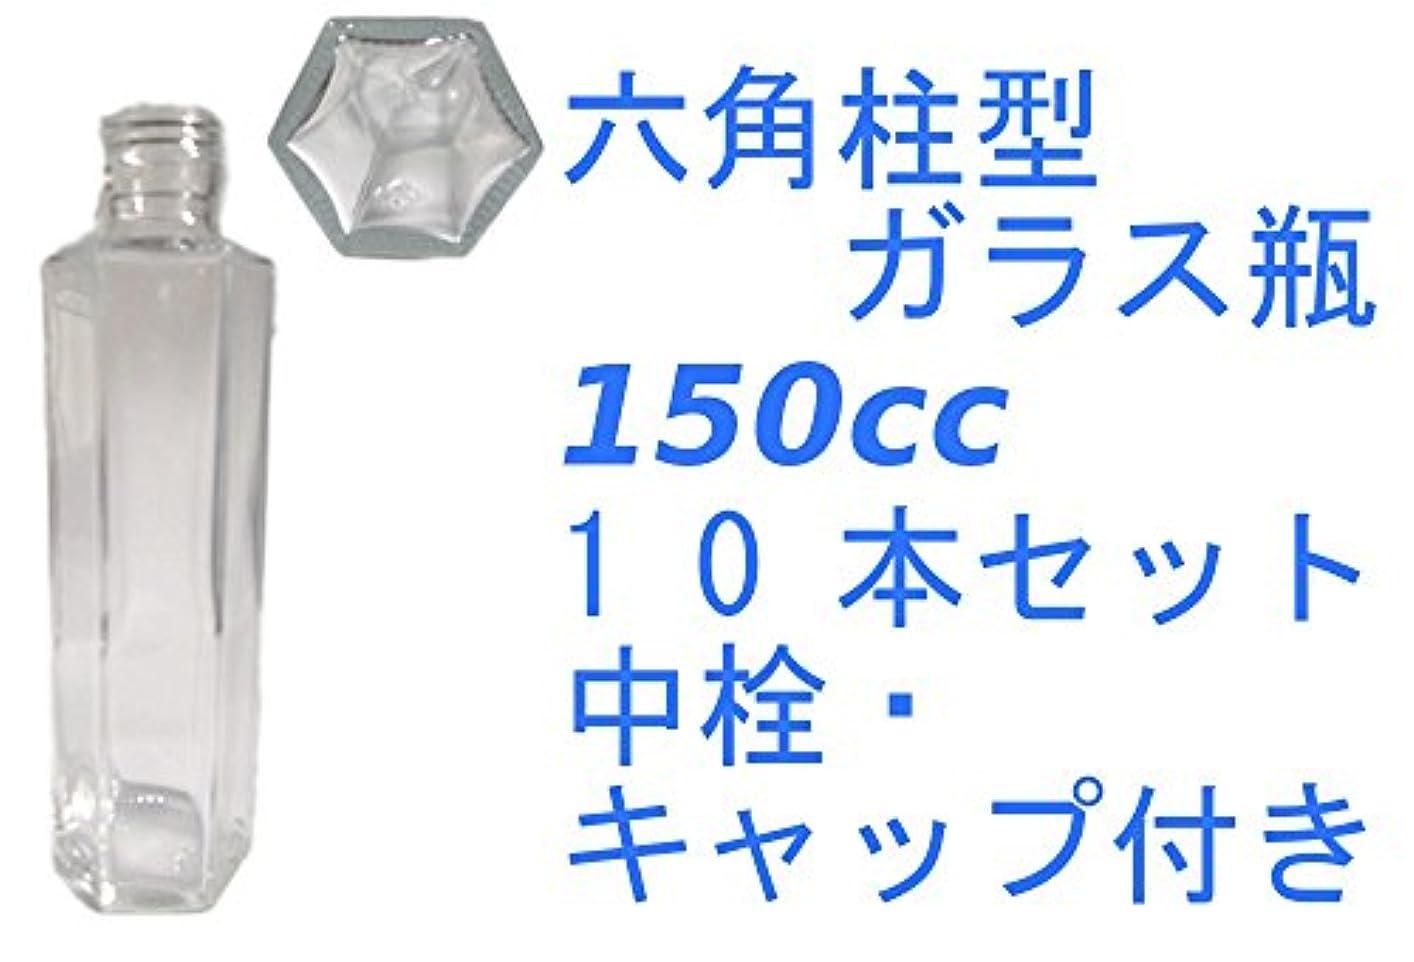 舞い上がる上に築きます彼女は(ジャストユーズ) JustU's 日本製 ポリ栓 中栓付き六角柱型ガラス瓶 10本セット 150cc 150ml アロマディフューザー ハーバリウム 調味料 オイル タレ ドレッシング瓶 B10-SSF150A-A